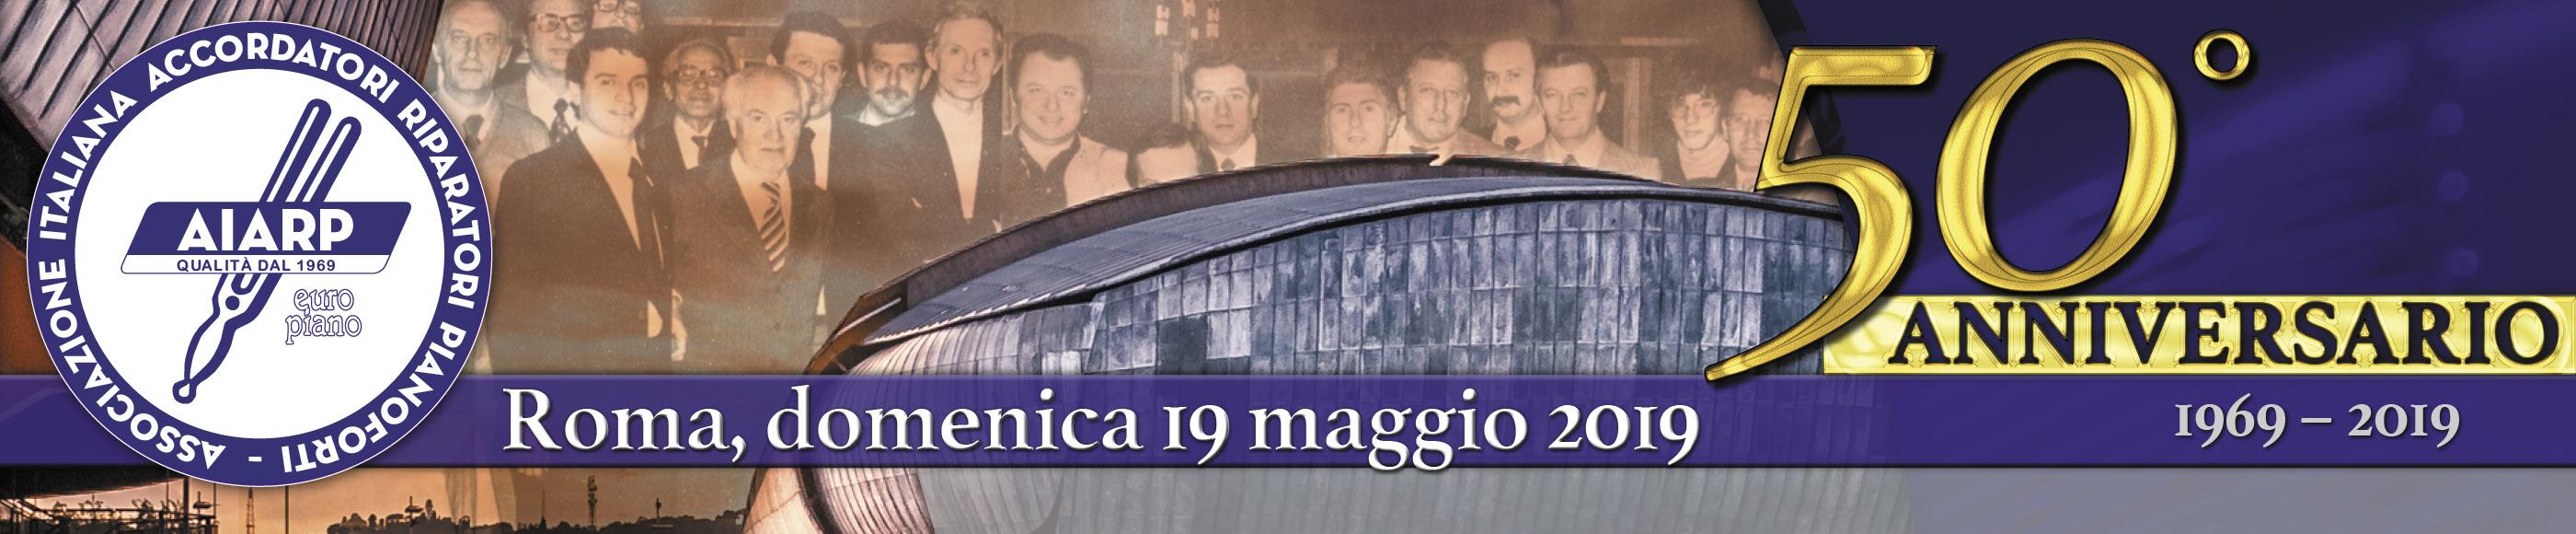 AIARP - Cinquantesimo anniversario di fondazione | Roma, domenica 19 maggio 2019 | Programma